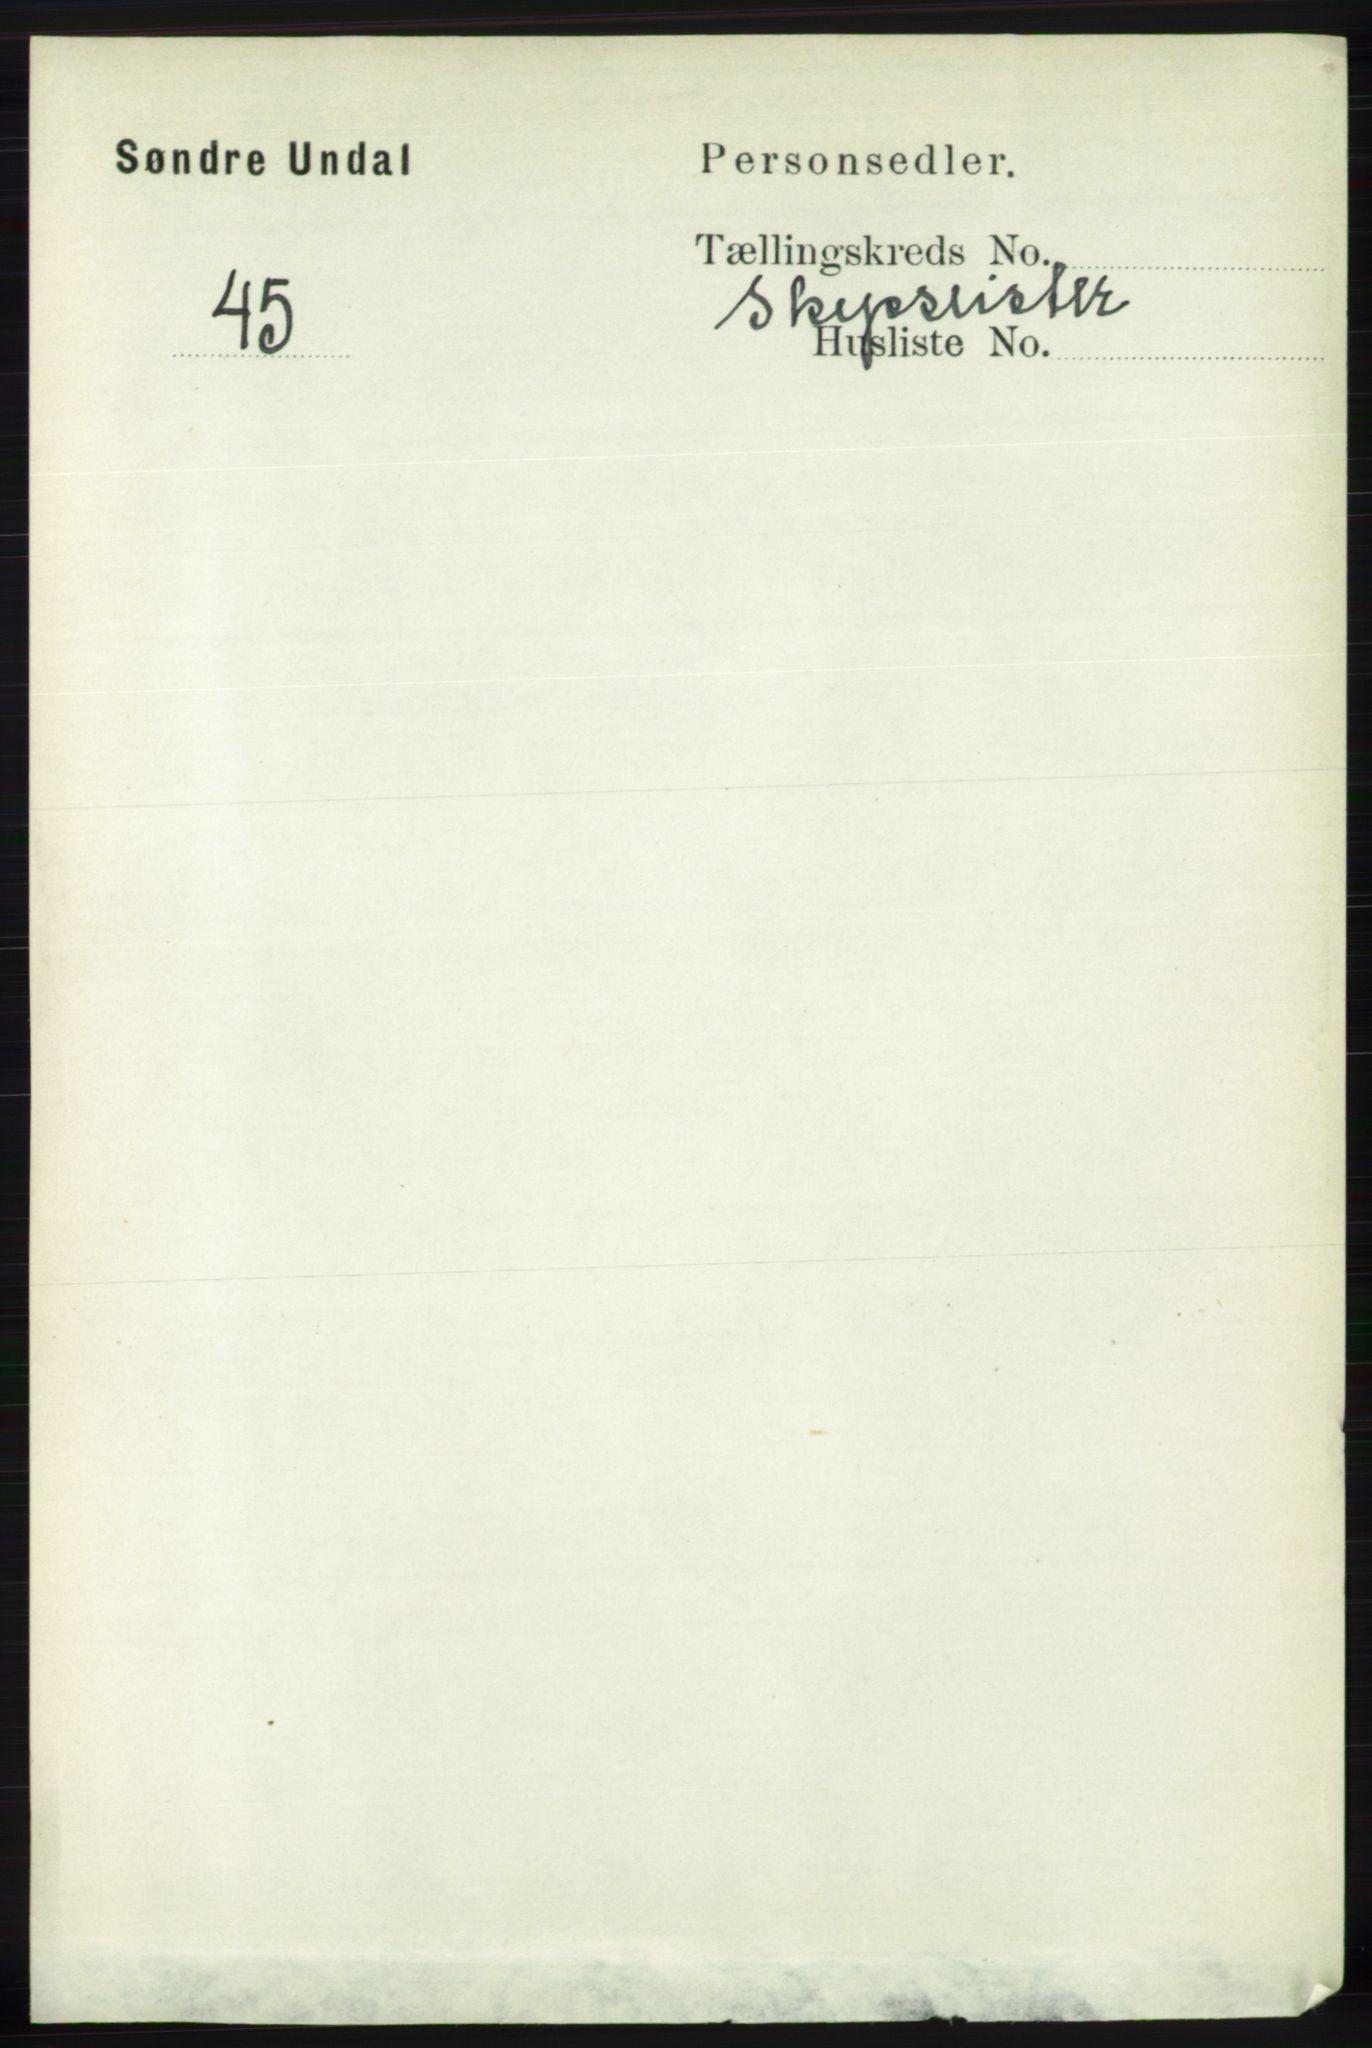 RA, Folketelling 1891 for 1029 Sør-Audnedal herred, 1891, s. 6034